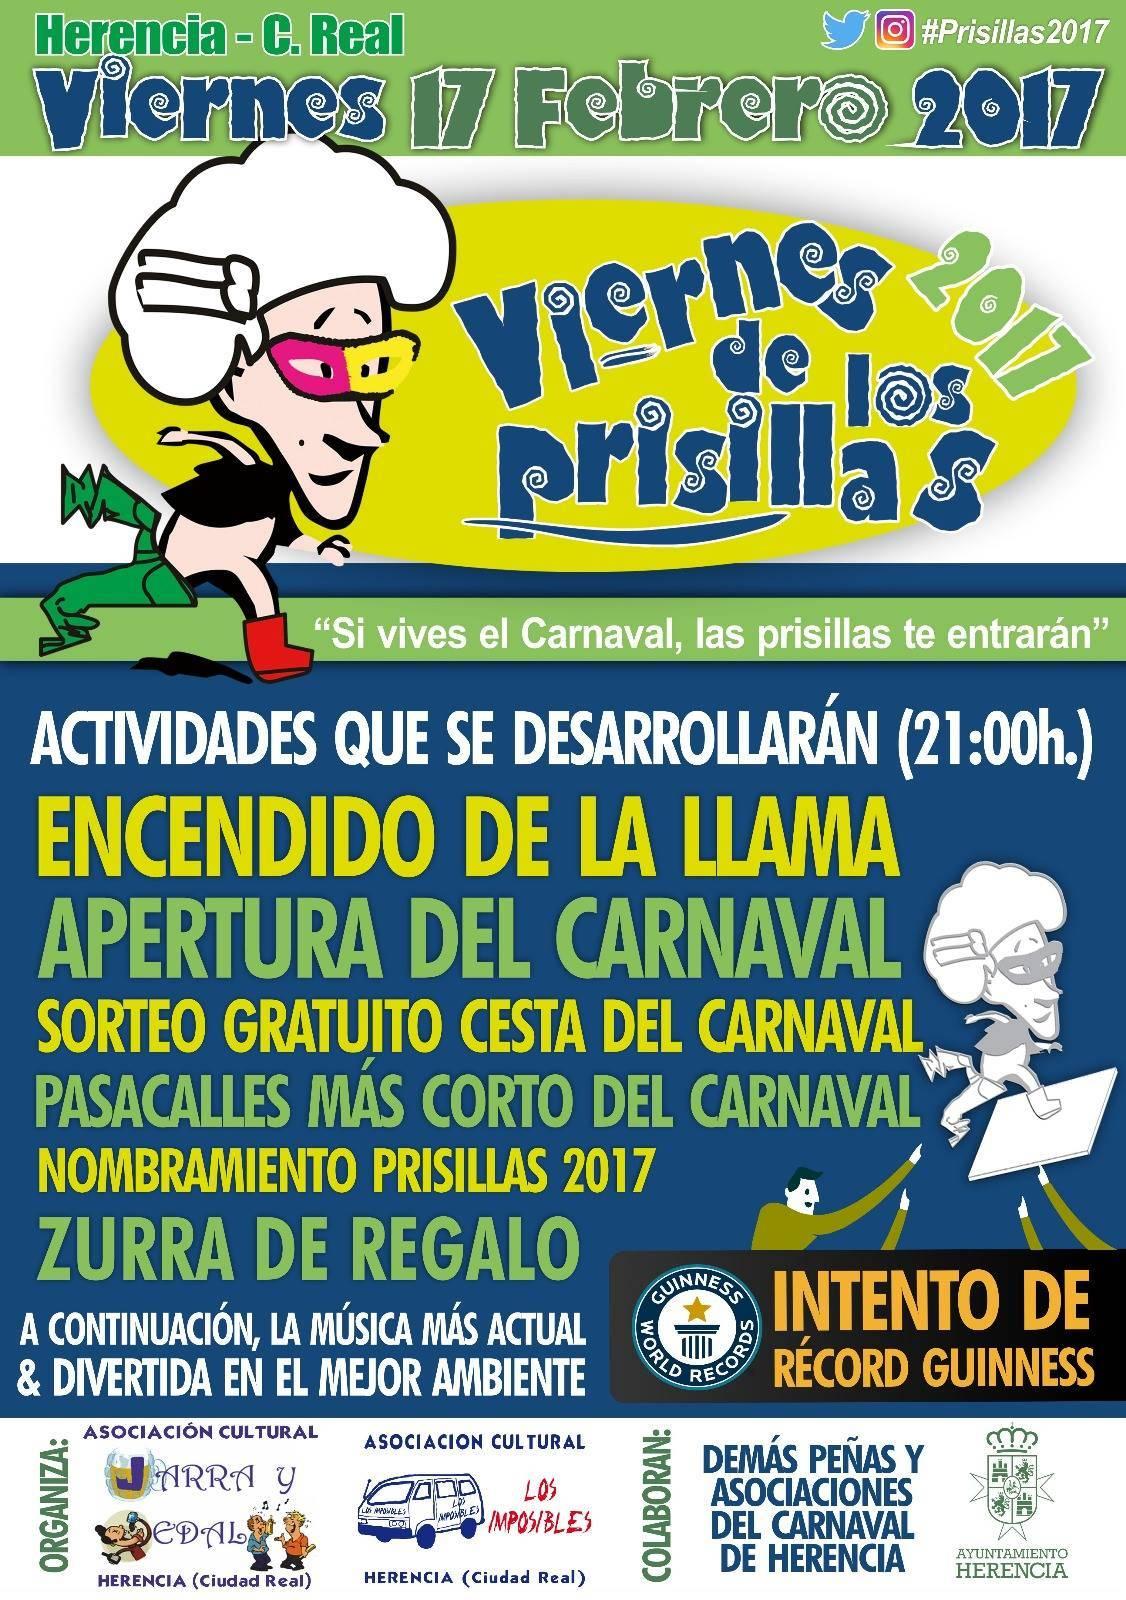 viernes de los prisillas 2017 carnaval de herencia - Abierta la votación para el Prisillas 2017 del Carnaval de Herencia